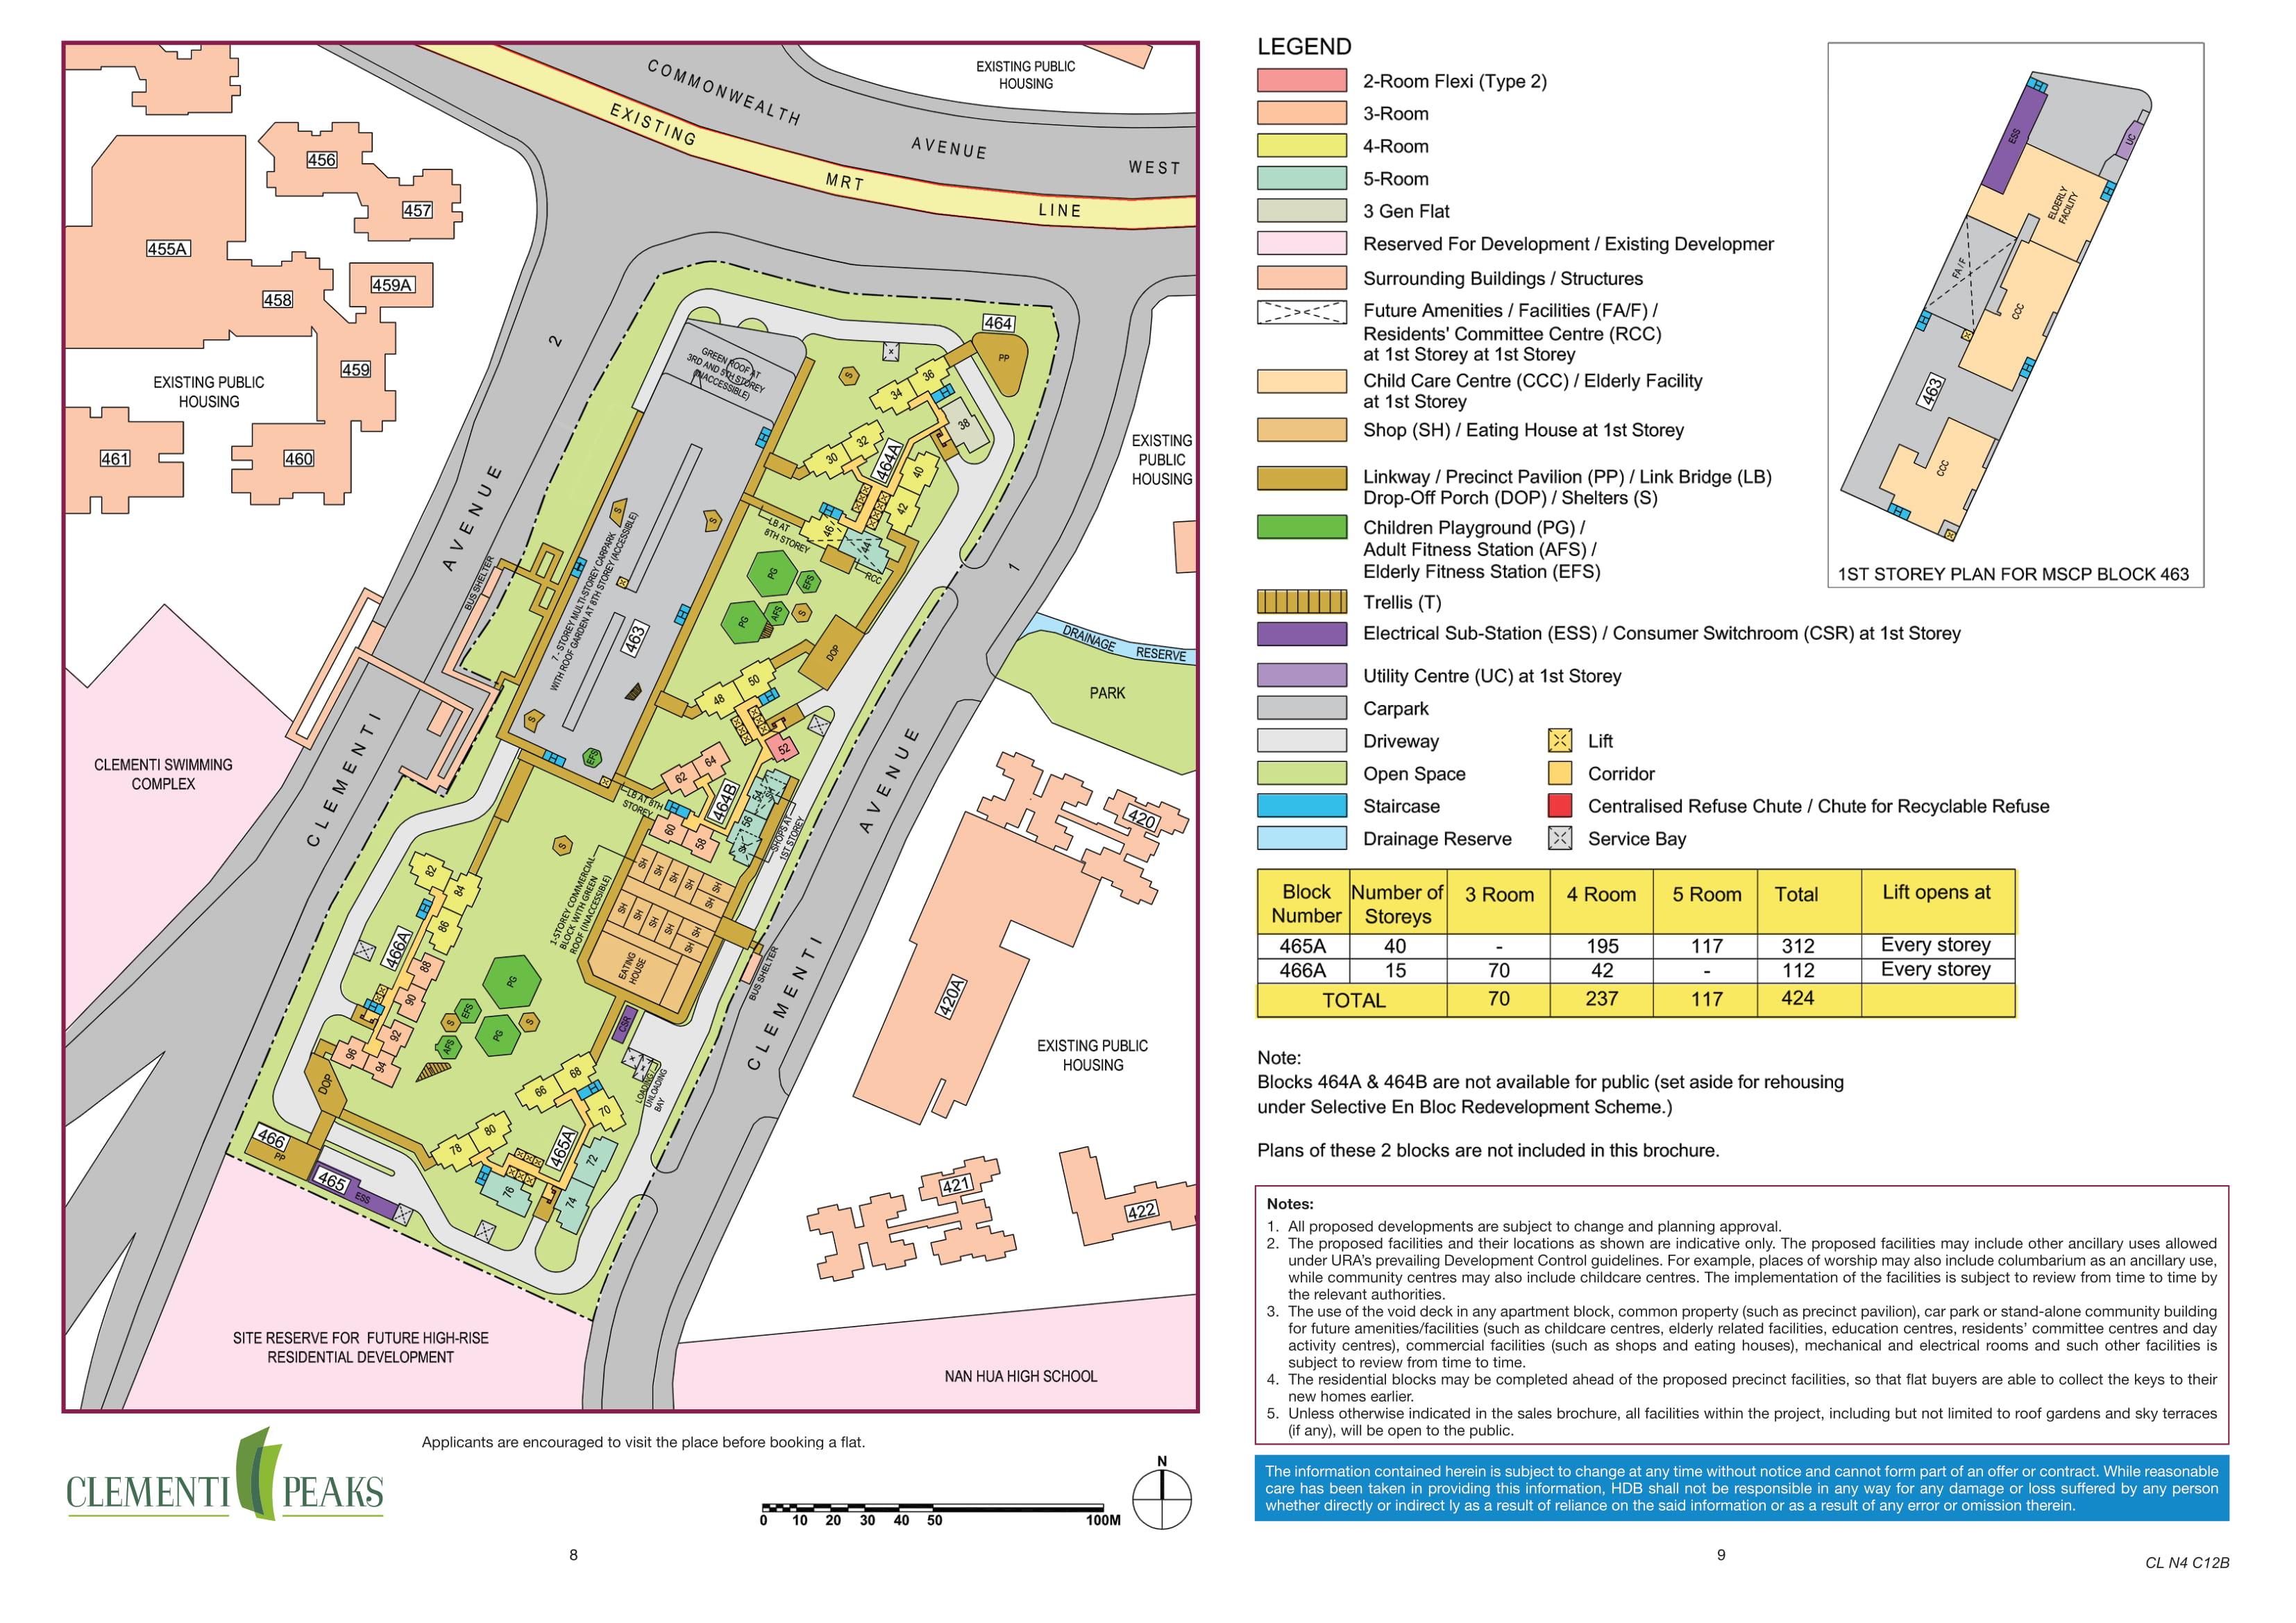 Clementi Peaks Site Plan